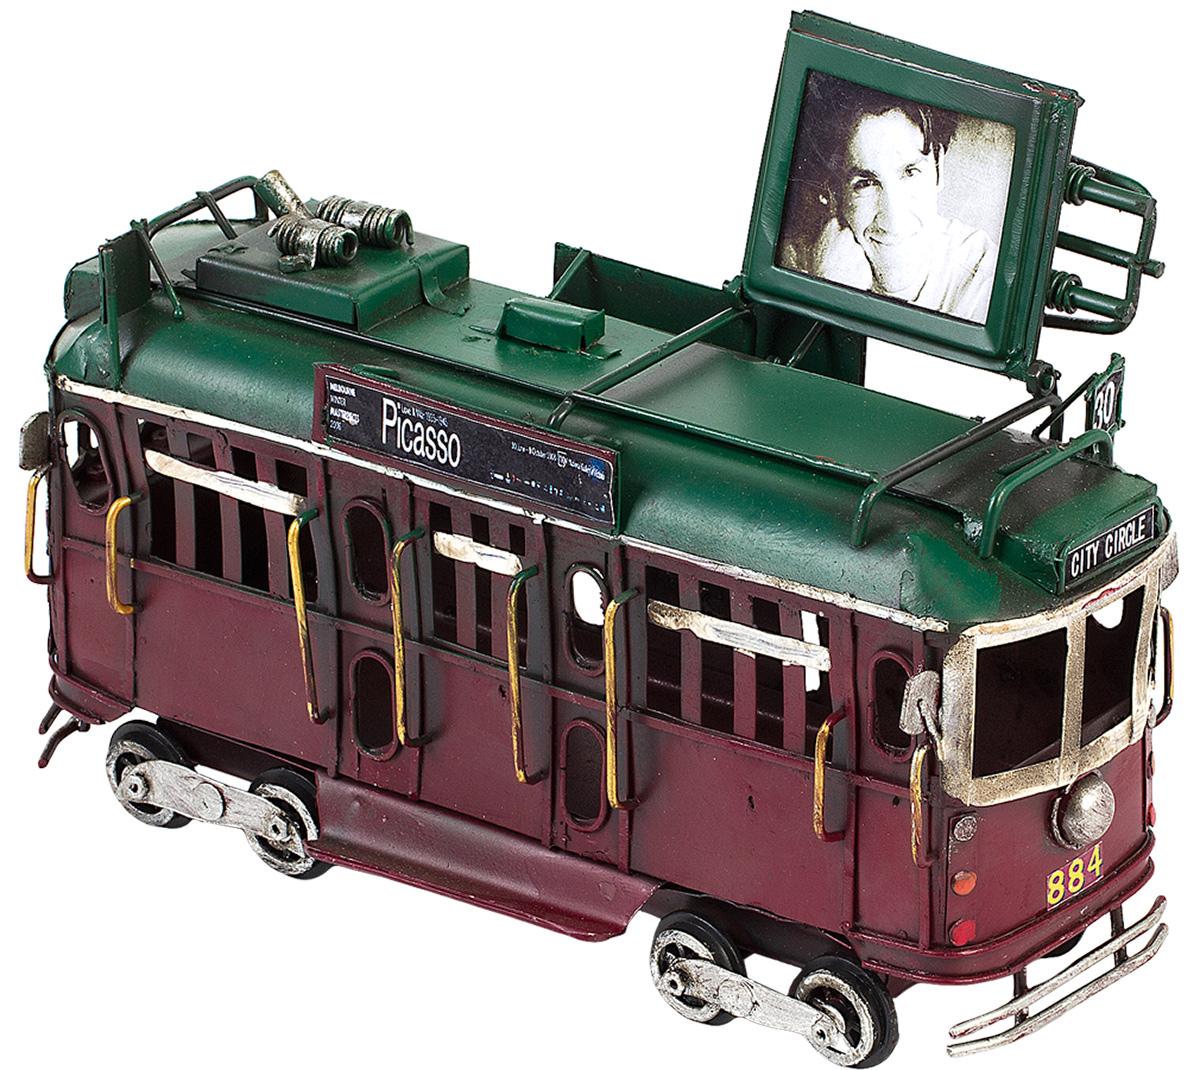 Модель Platinum Трамвай, с фоторамкой. 1404E-4362JP-247/ 6Модель Platinum Трамвай, выполненная из металла, станет оригинальным украшением интерьера. Вы можете поставить ретро-модель в любом месте, где она будет удачно смотреться.Изделие дополнено фоторамкой, куда вы можете вставить вашу любимую фотографию.Качество исполнения, точные детали и оригинальный дизайн выделяют эту модель среди ряда подобных. Модель займет достойное место в вашей коллекции, а также приятно удивит получателя в качестве стильного сувенира.